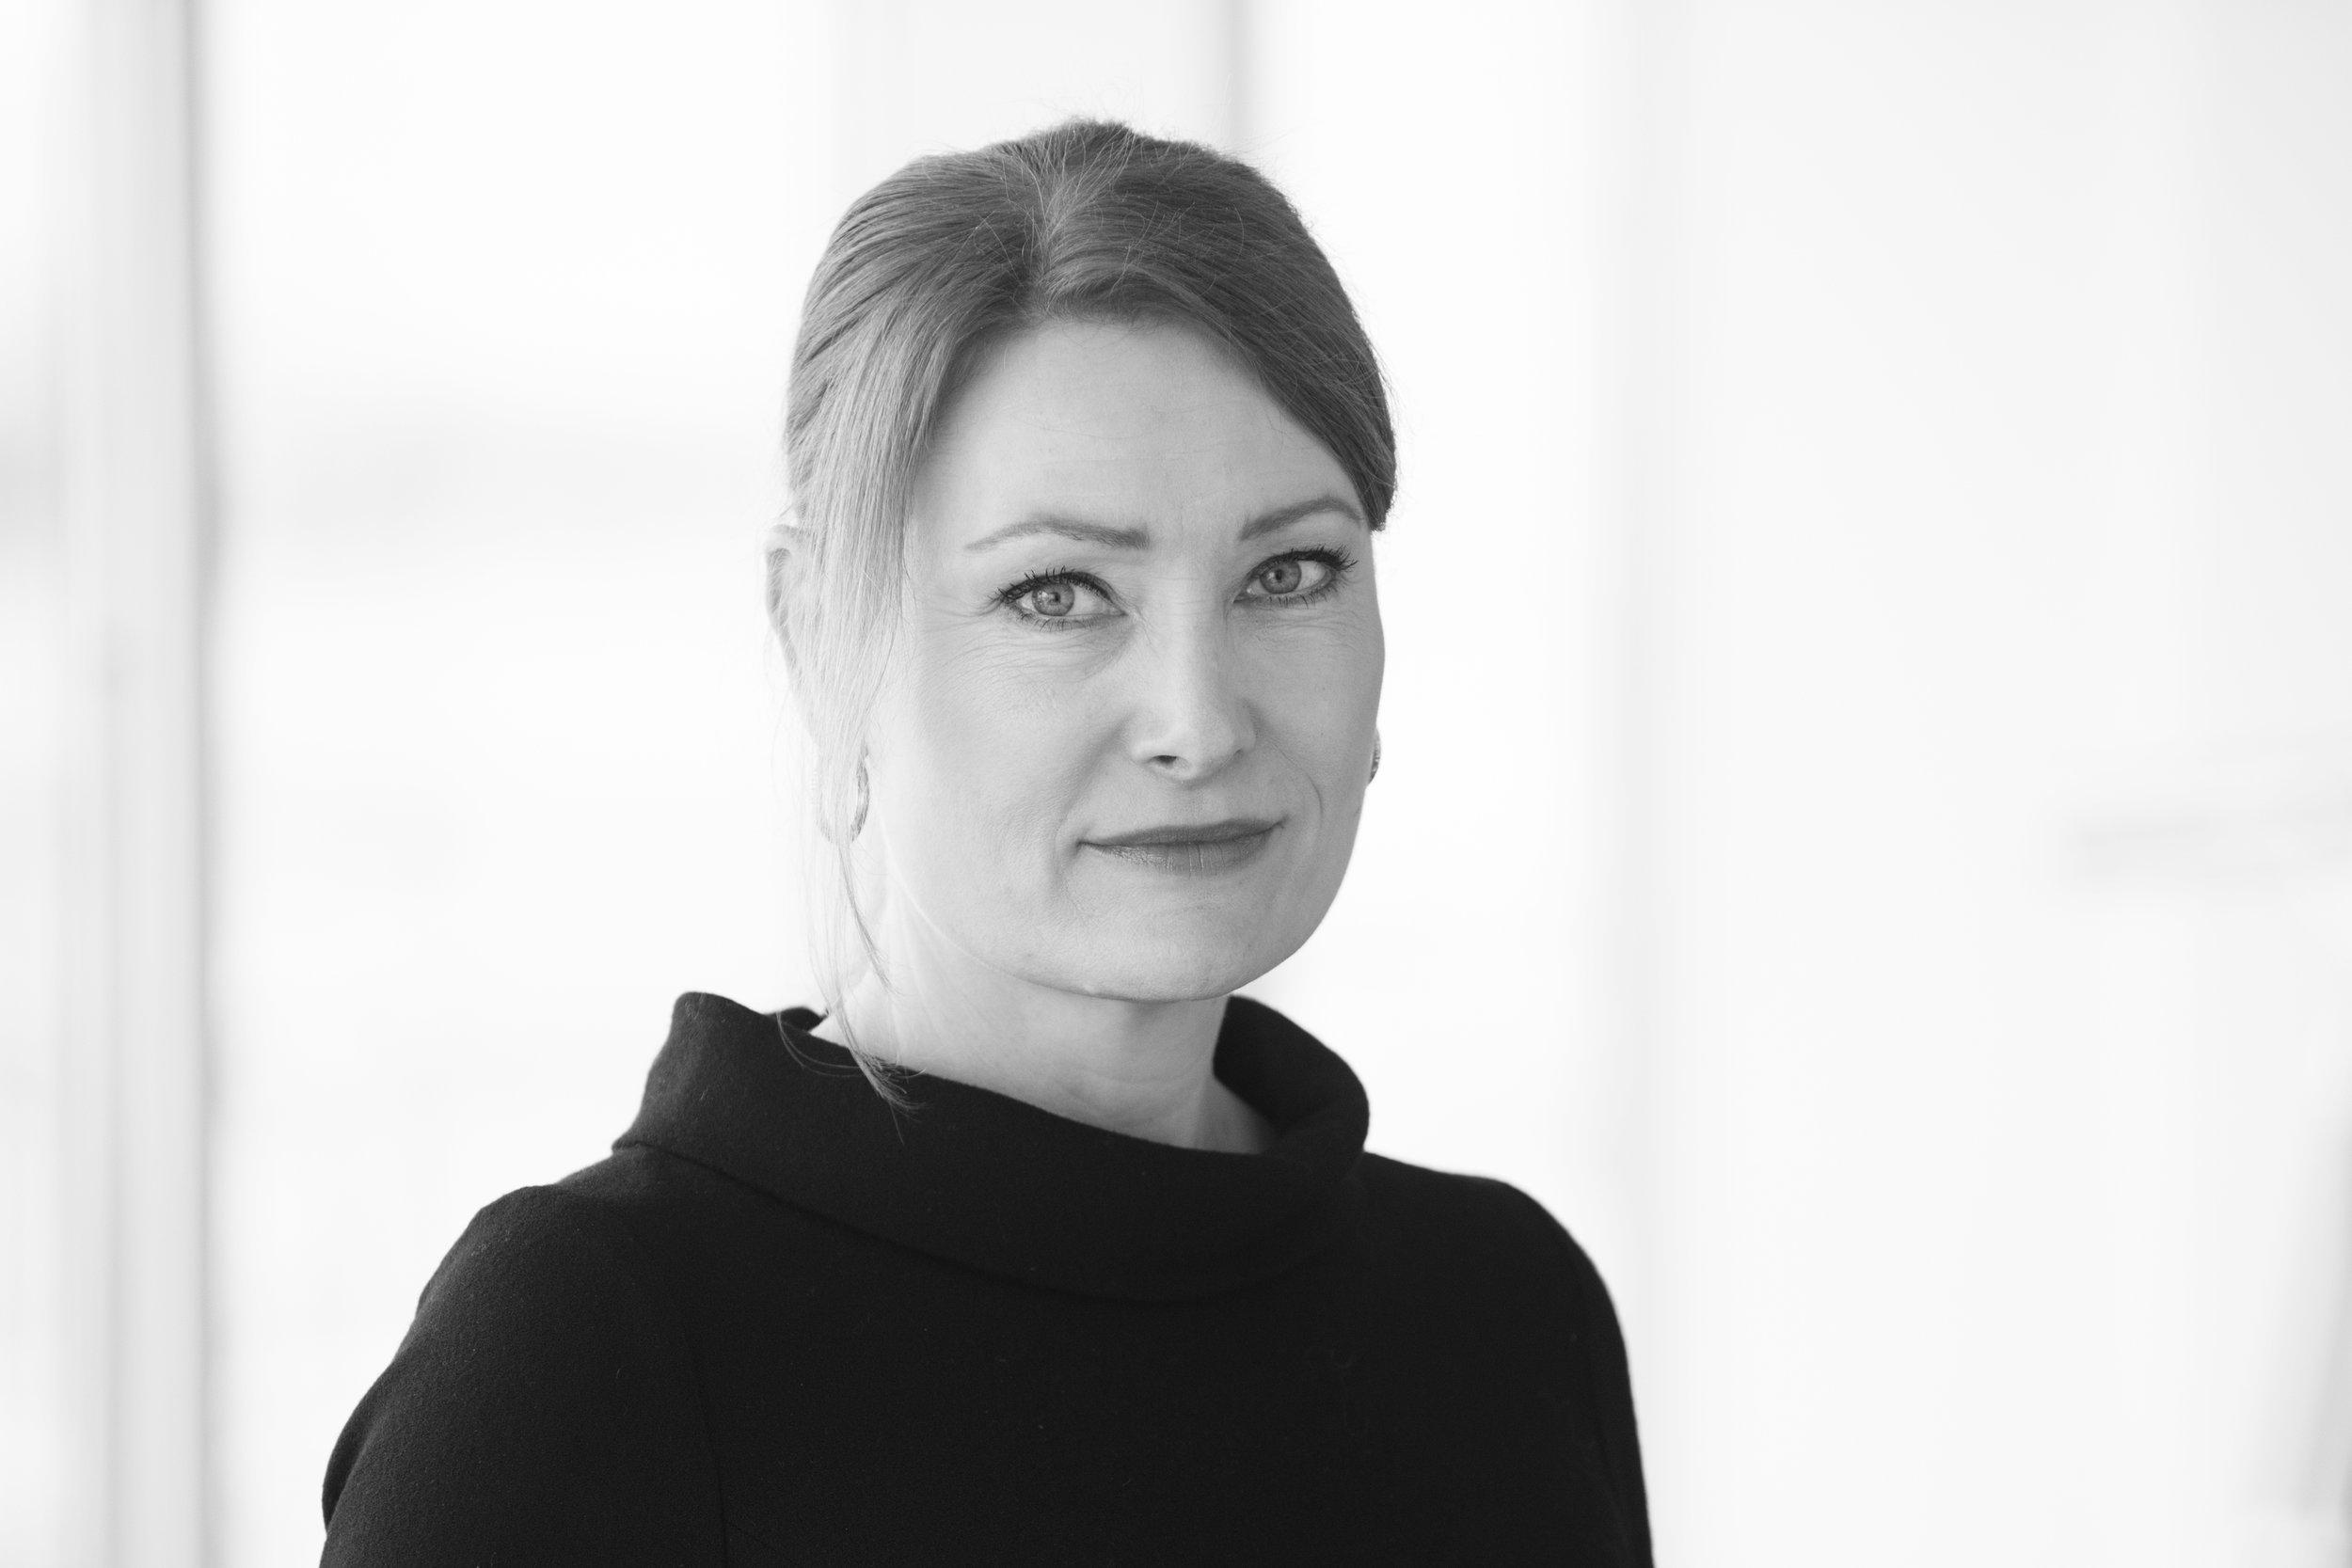 Charlotta Kvarnström - PartnerInternationell bakgrund från professional services och management consulting. Tidigare Managing Director och Partner Accenture mm. Läs mer →+46 (0)70 663 30 20charlotta.kvarnstrom@nordicinterim.com